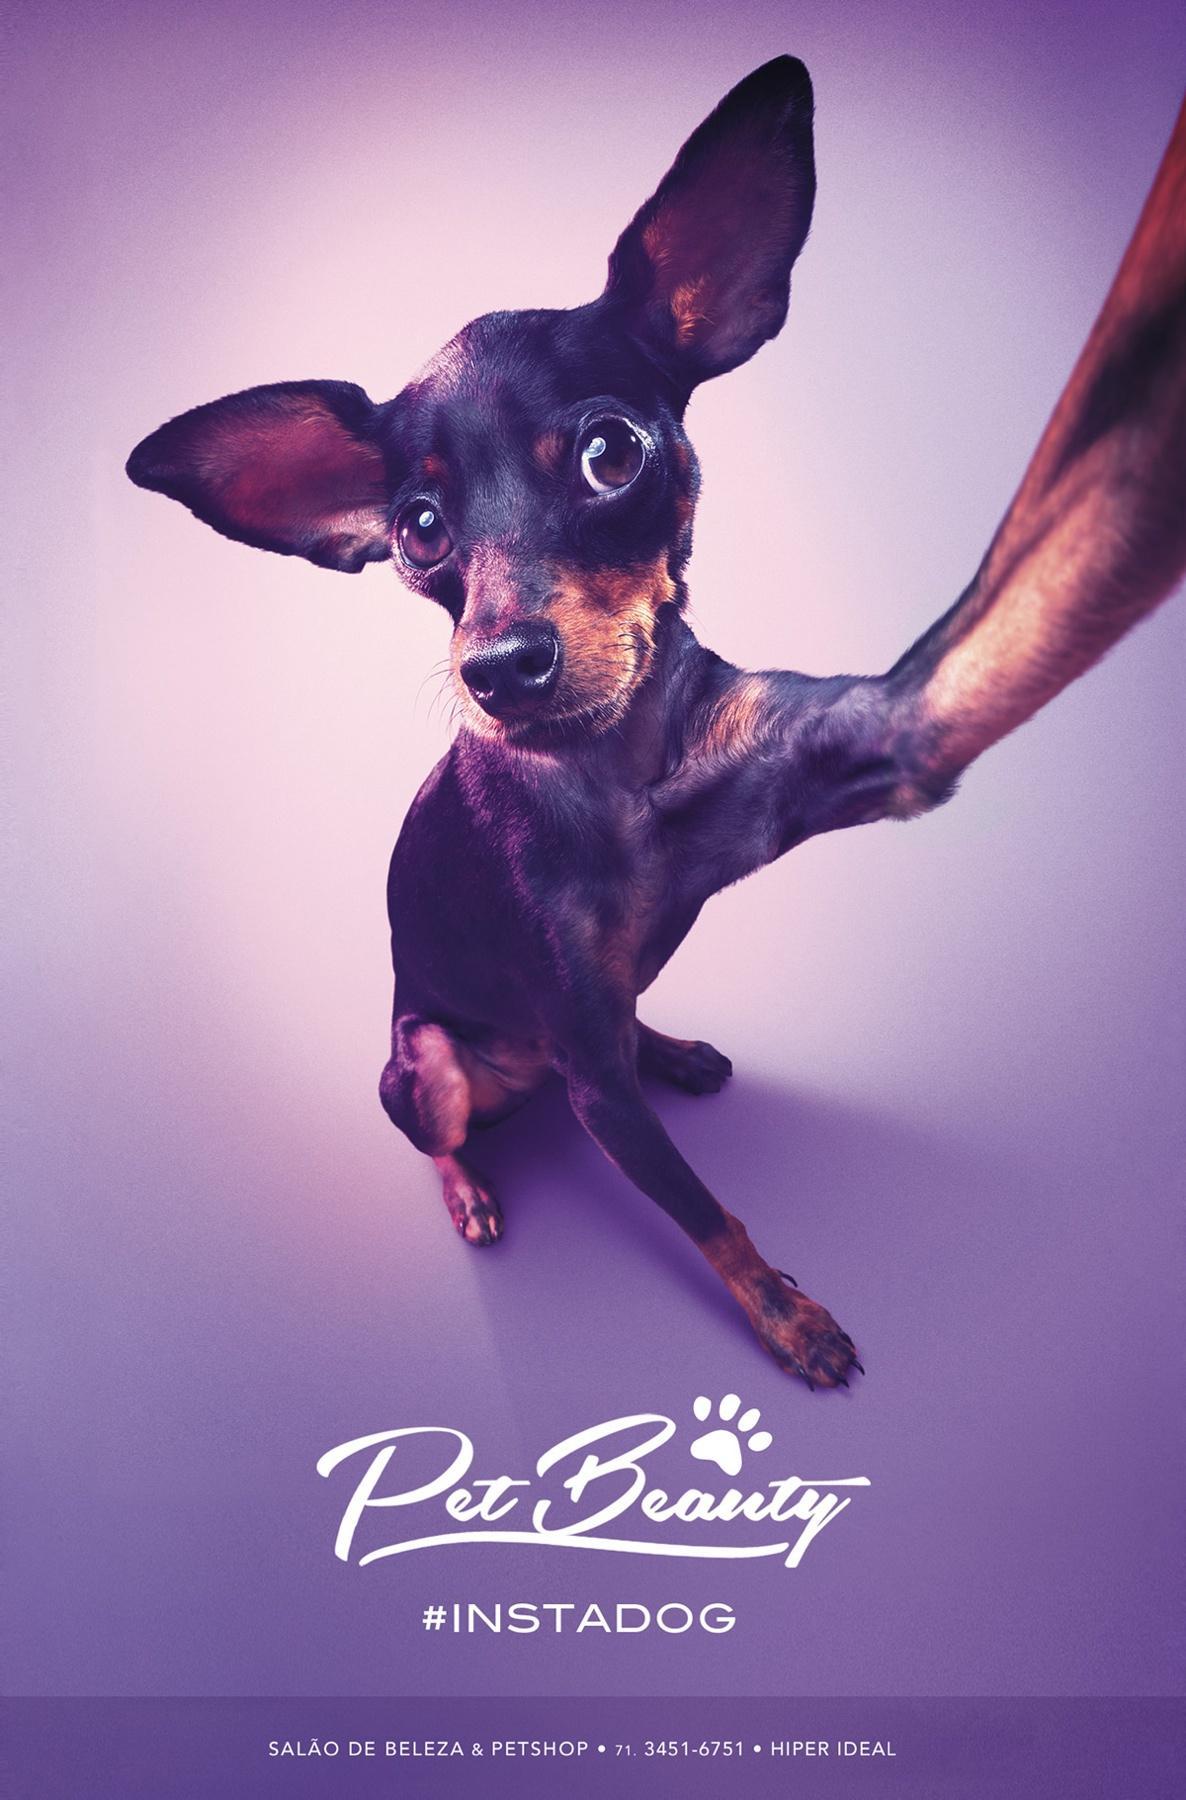 PetBeauty Print Ad -  #instadog